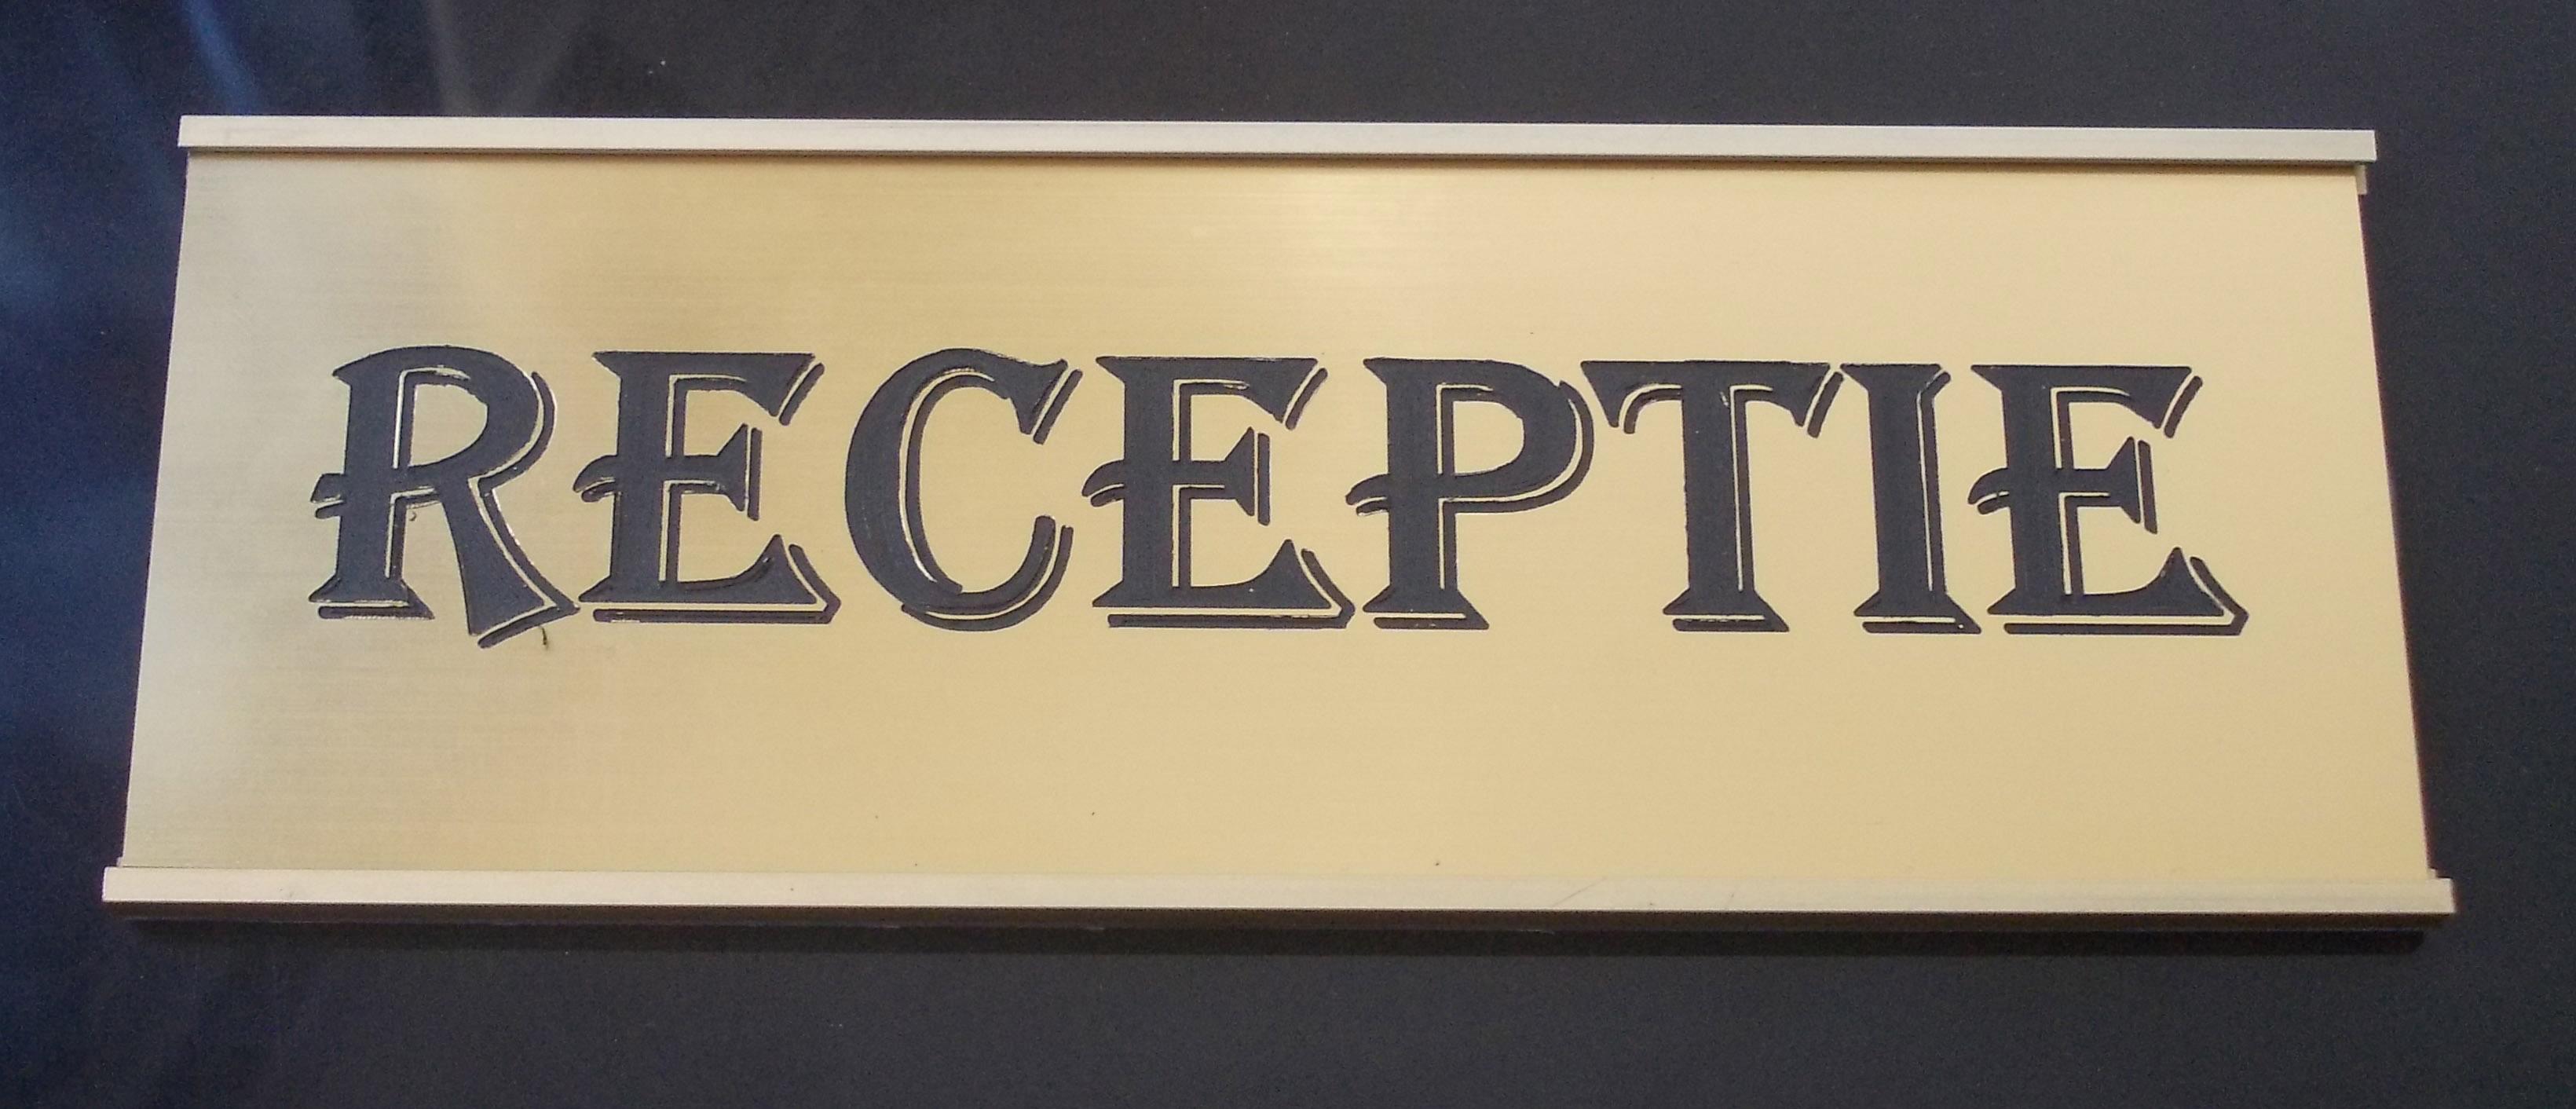 placa receptie, placa indicatoare Receptie